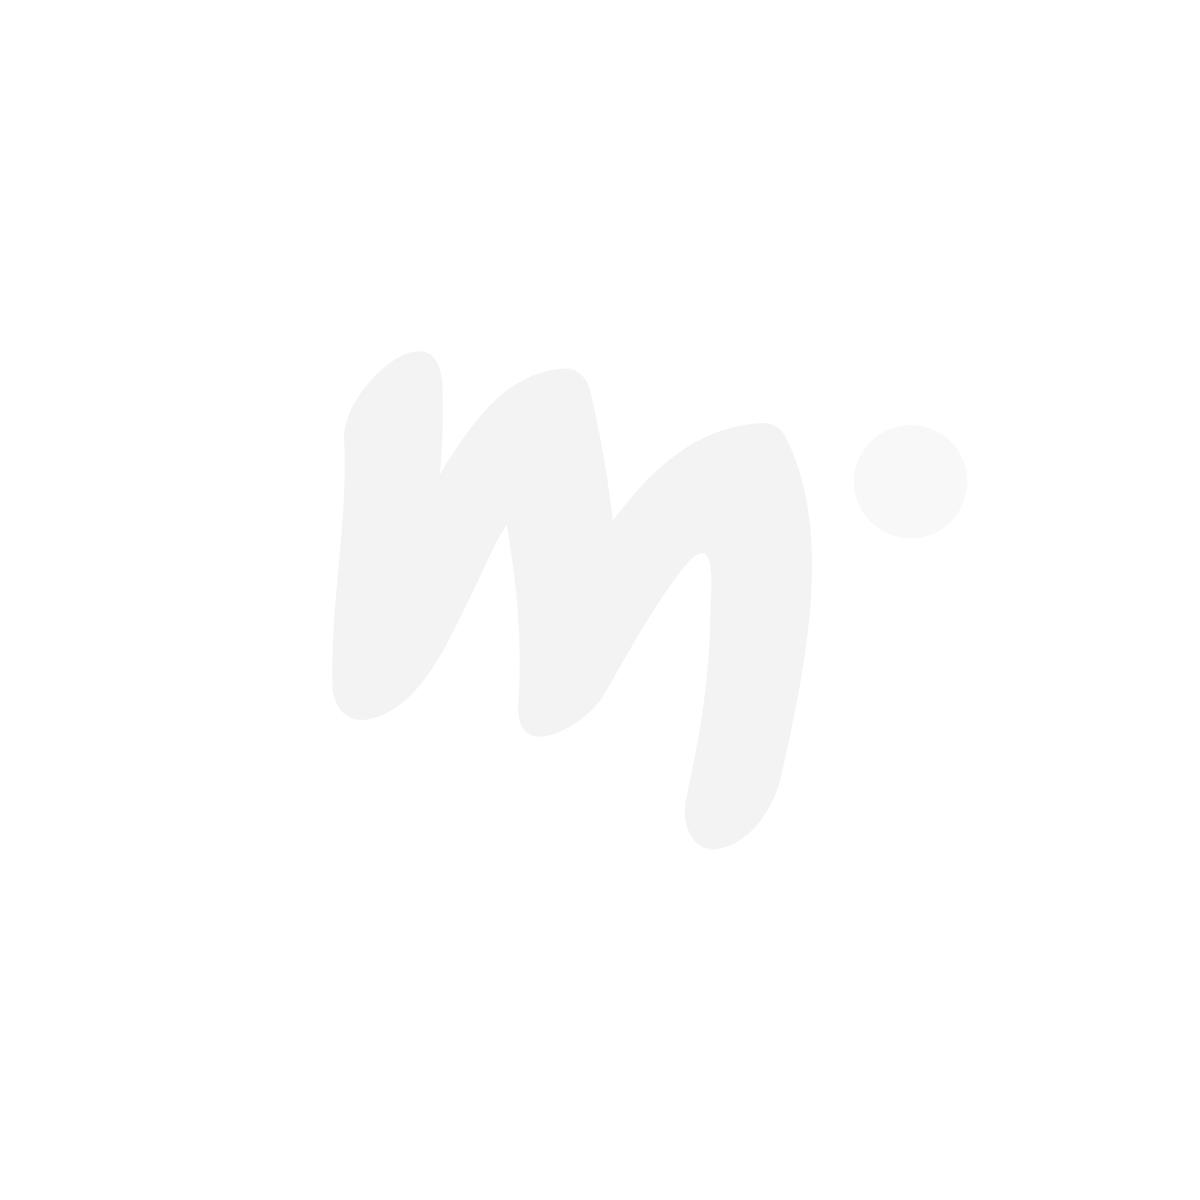 Muumi Piilottelu-body musta